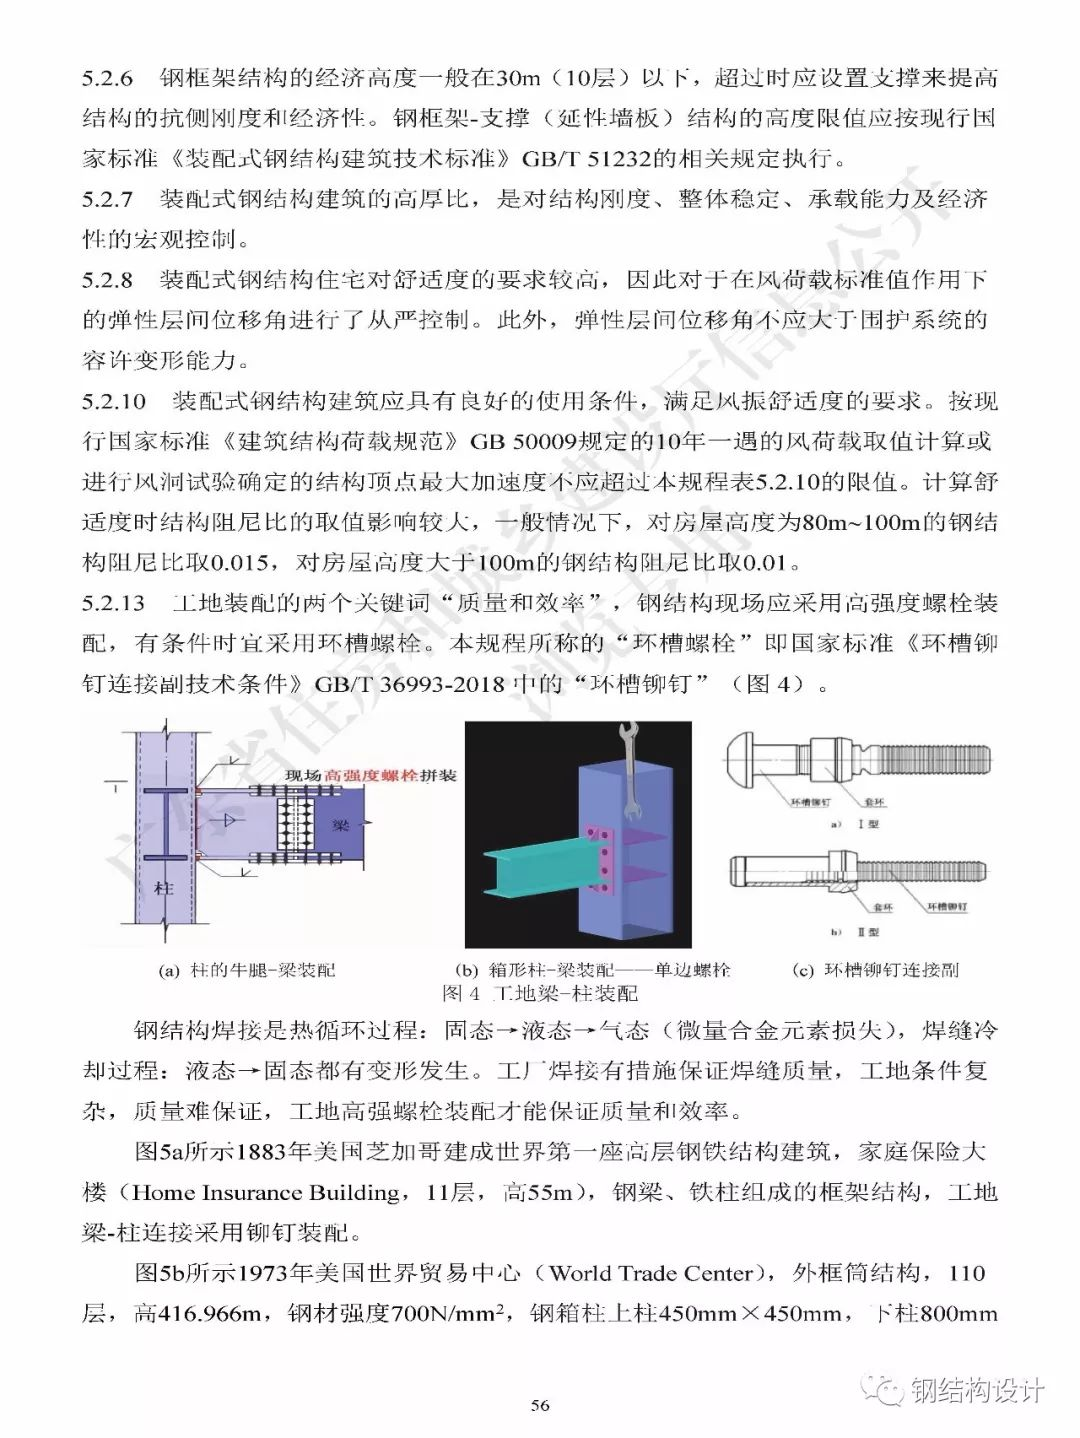 广东省《装配式钢结构建筑技术规程》发布_66